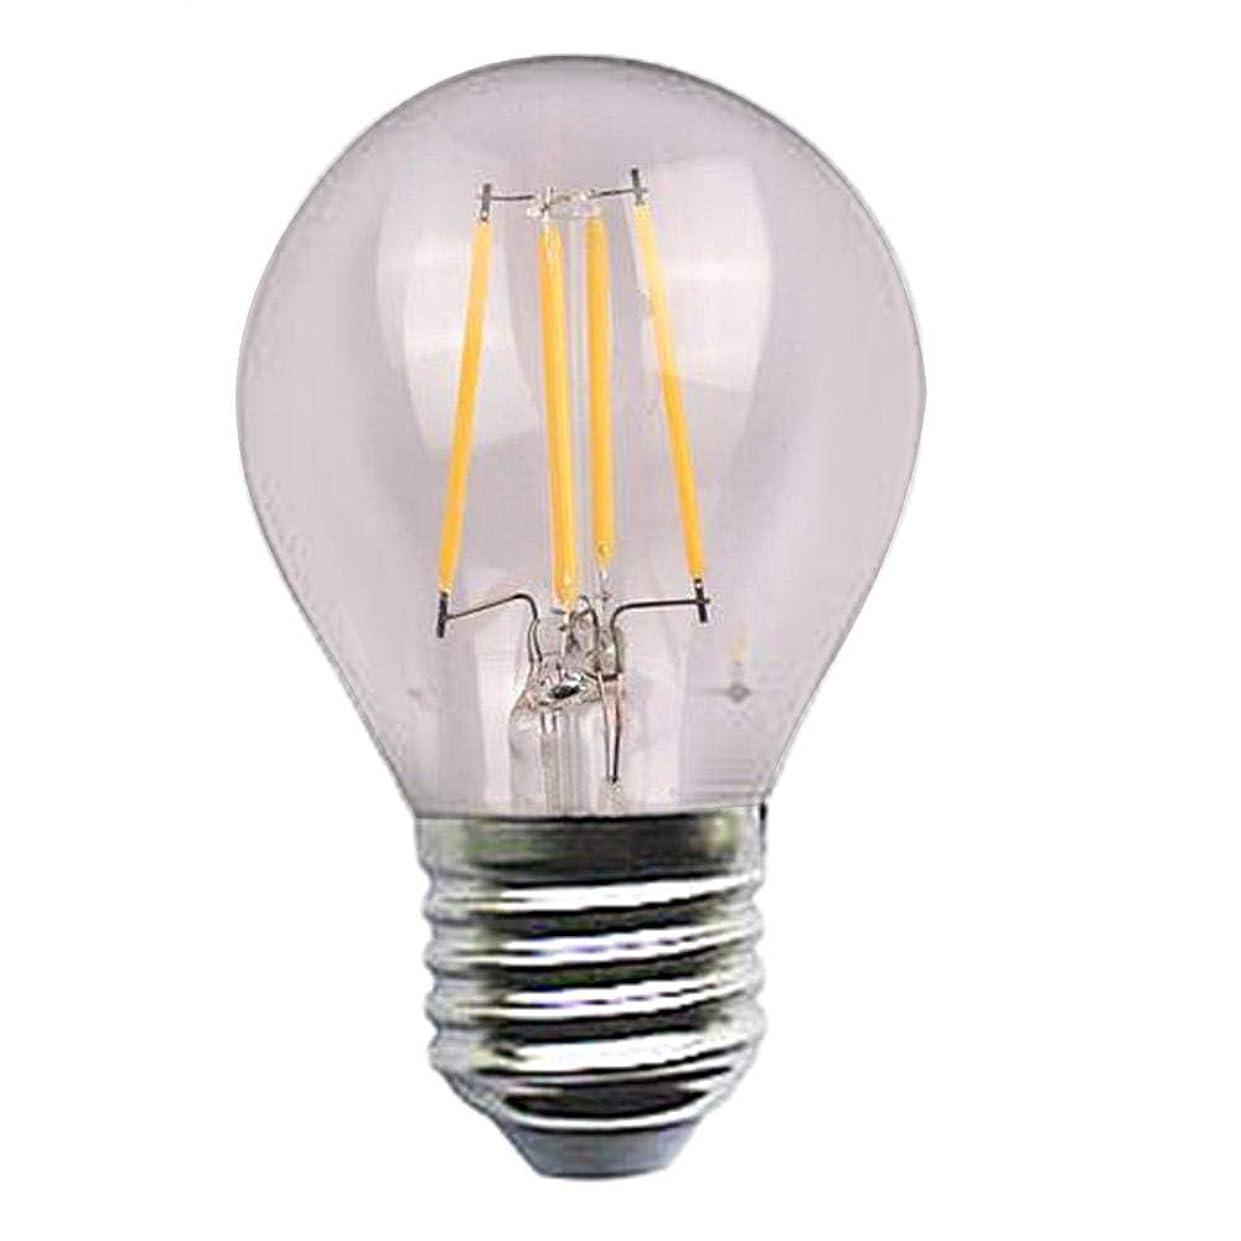 故意の難しい作成するエジソンはフィラメントシリーズ球根4w 110-220vの銀ランプの頭部を導きました